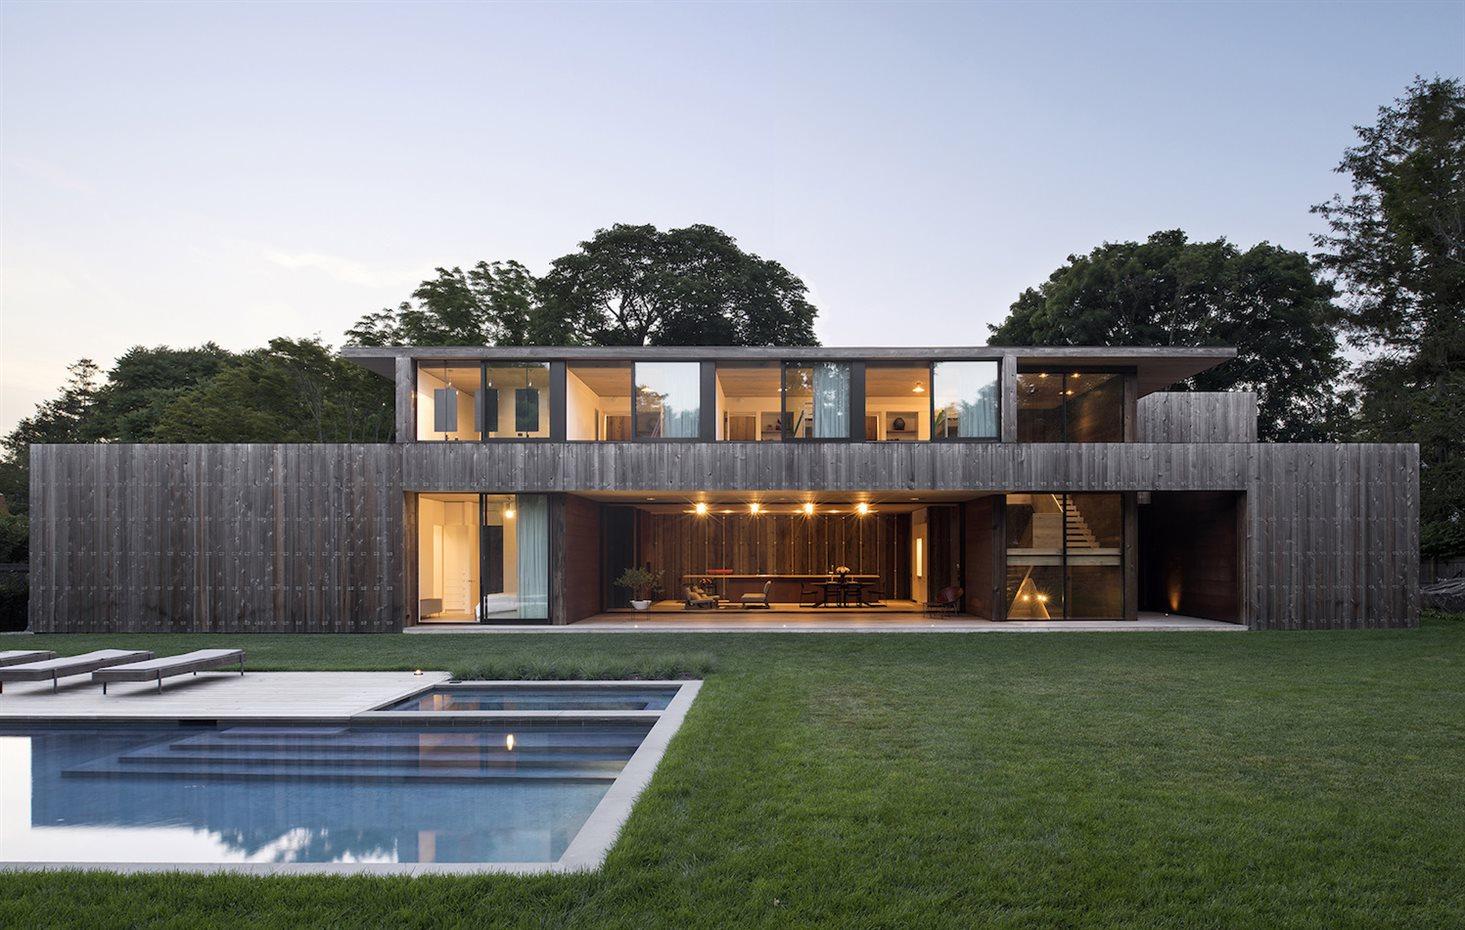 Casa de madera de dise o con piscina en estados unidos for Casas de madera con piscina